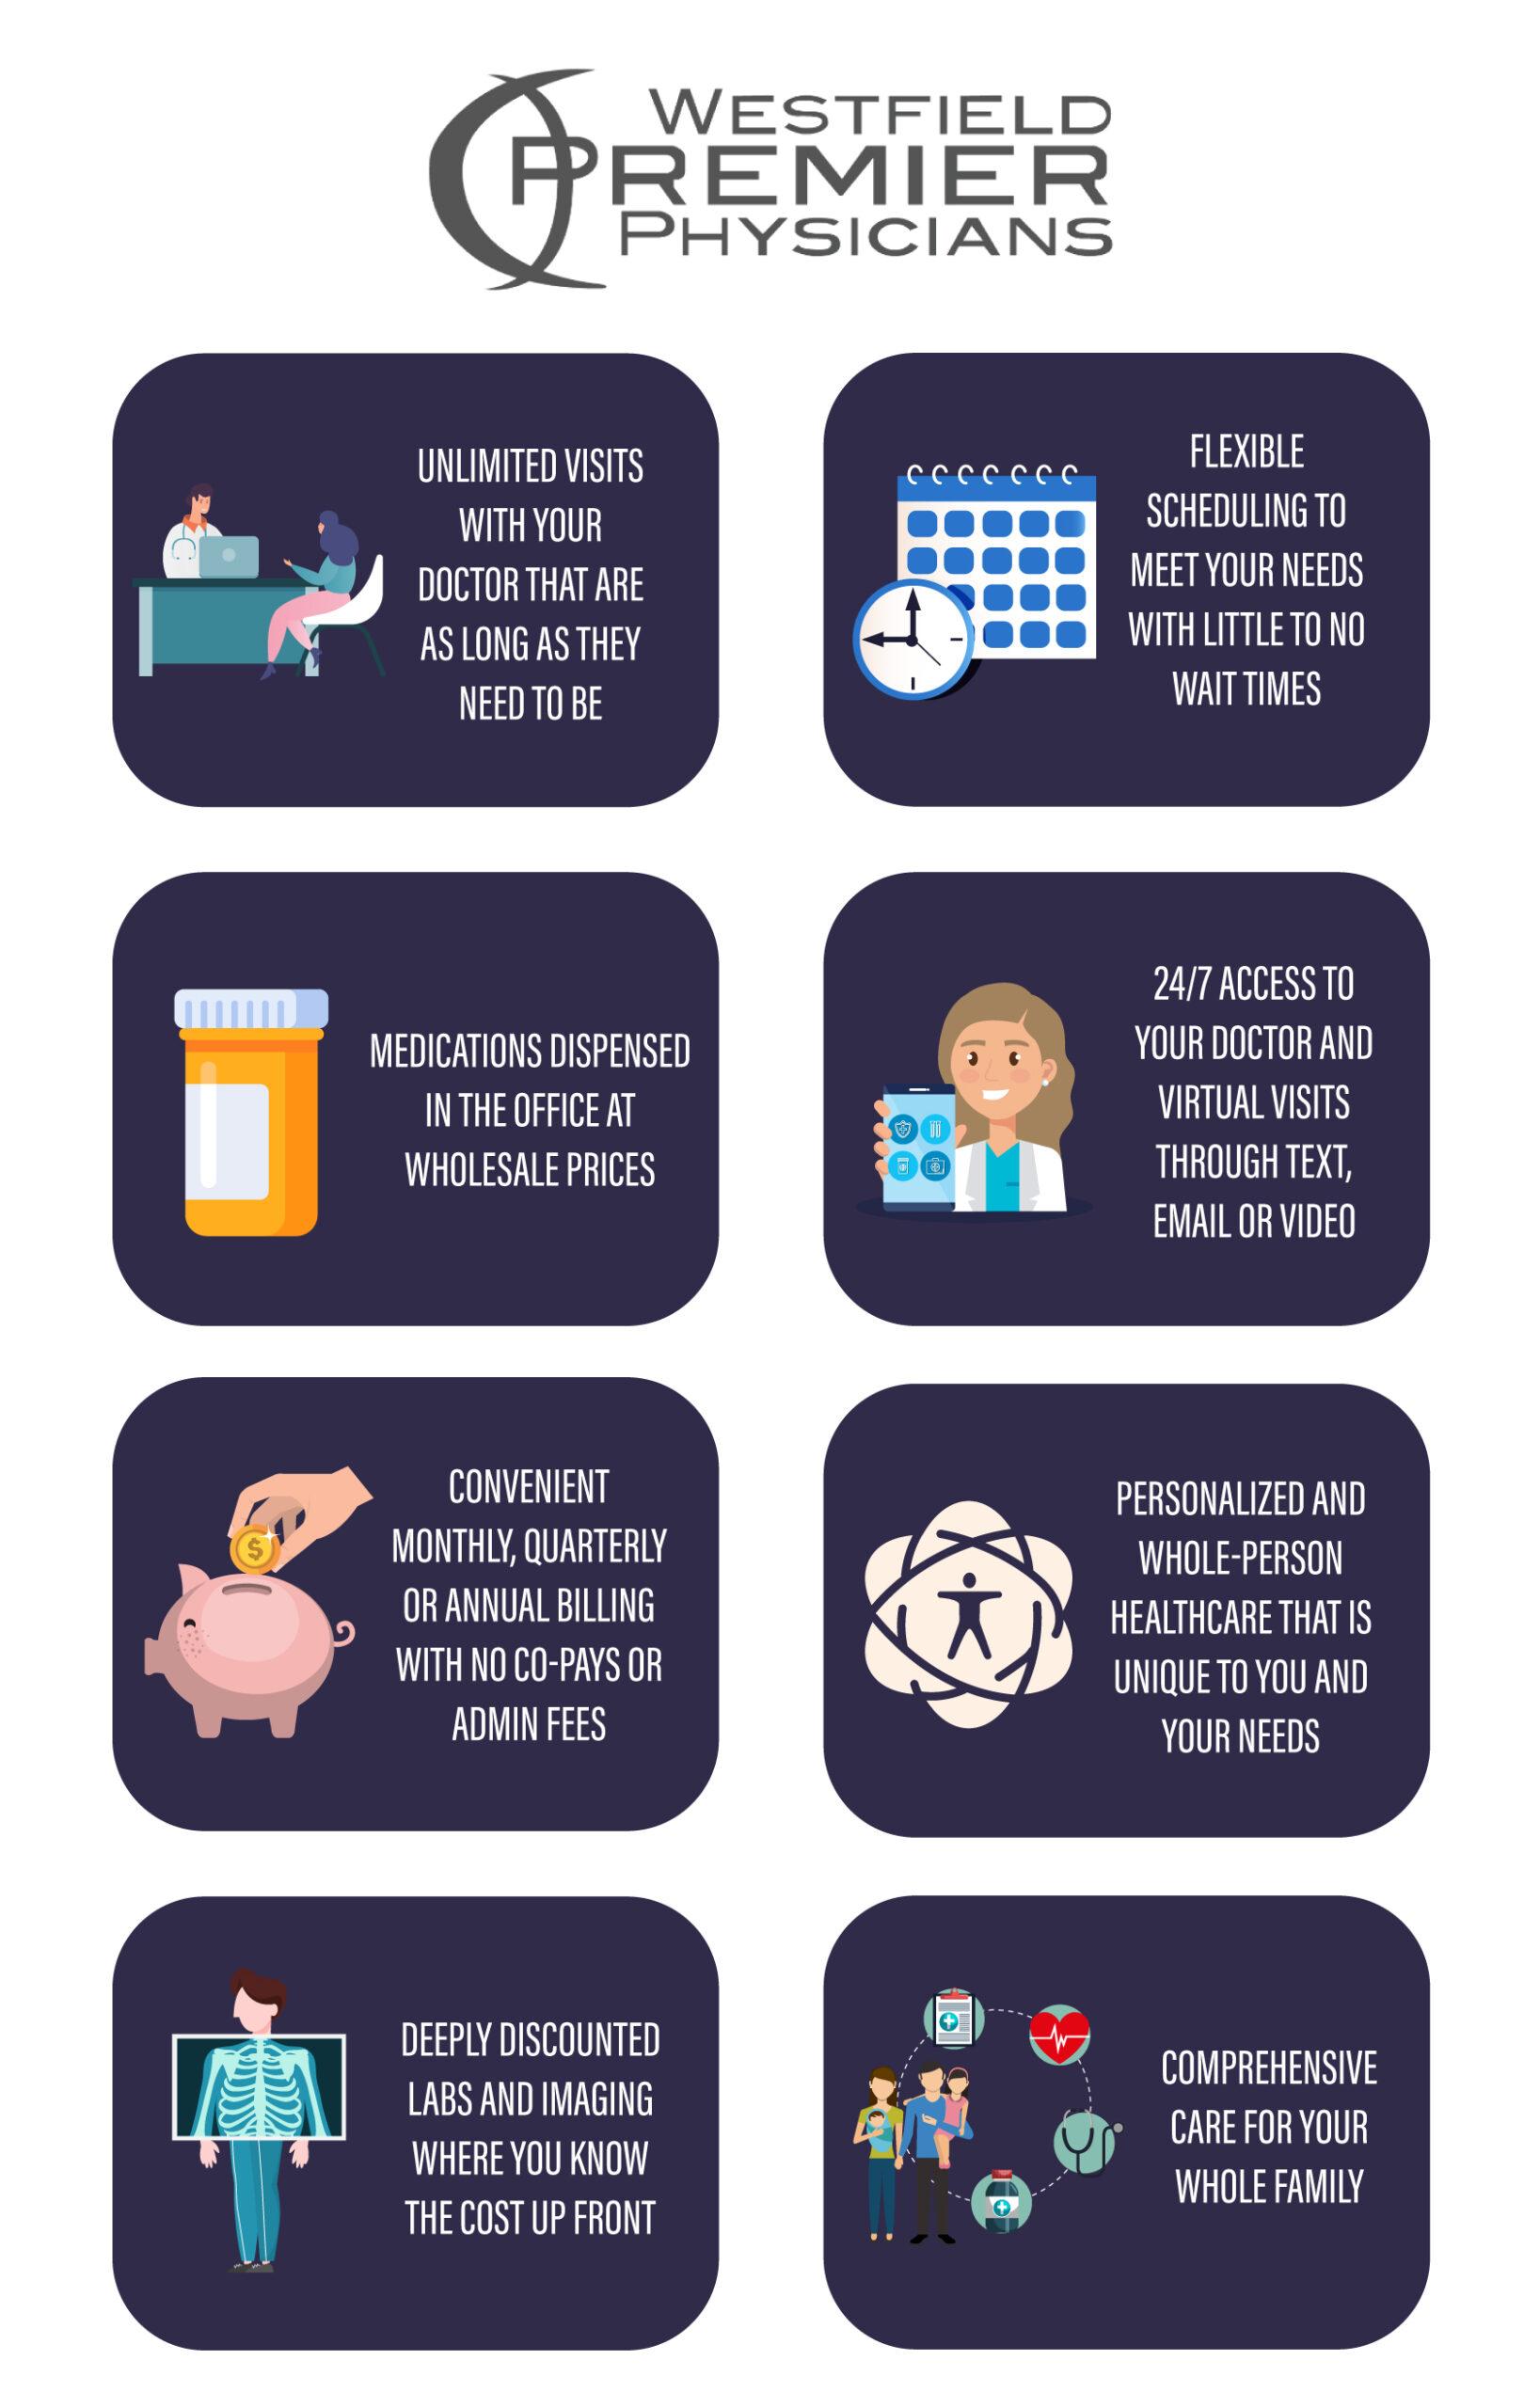 Westfield Premier Physicians process